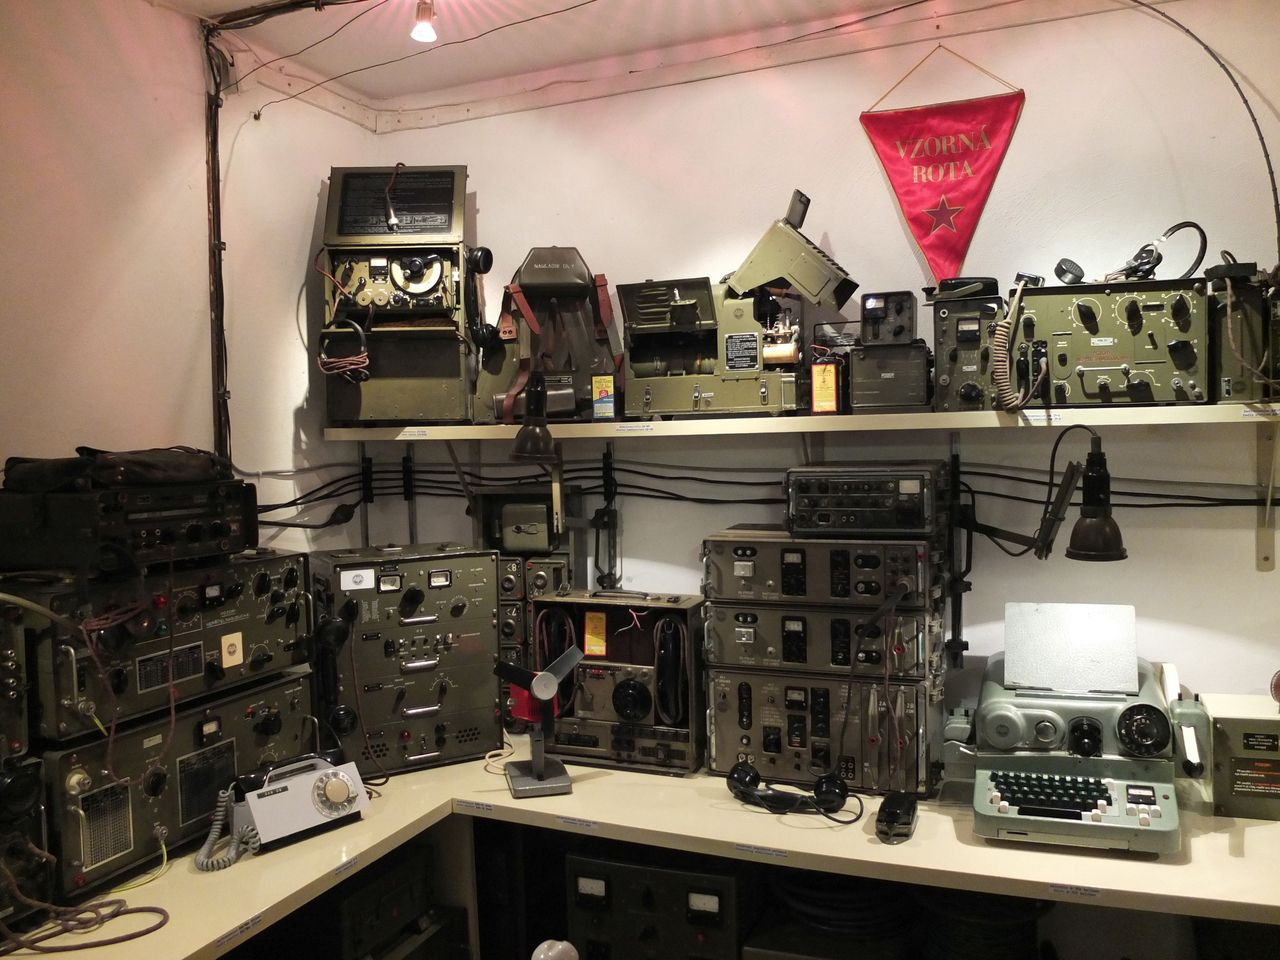 Restaurierte Funktechnik im Prager Museum des Kalten Krieges im Bunker unter dem Hotel Jalta (Foto: Sabine Stach)